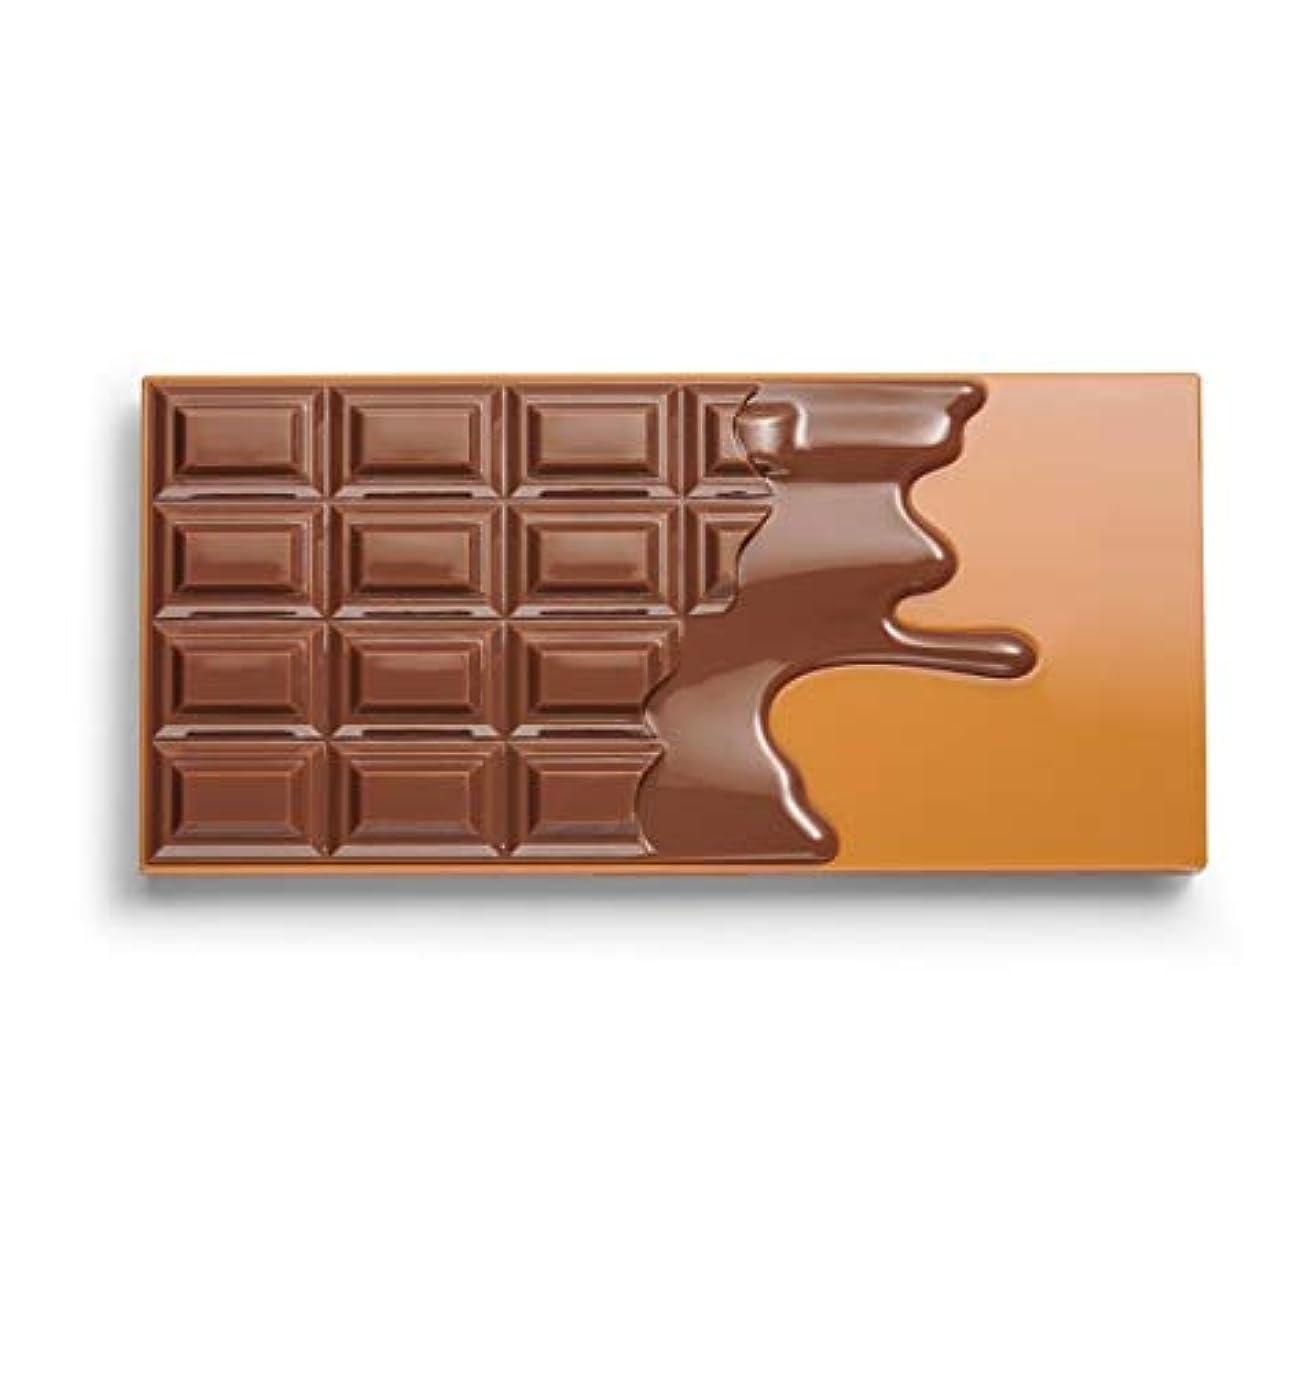 徴収昇進でもメイクアップレボリューション アイラブメイクアップ チョコレート型18色アイシャドウパレット #Peanut Butter Cup